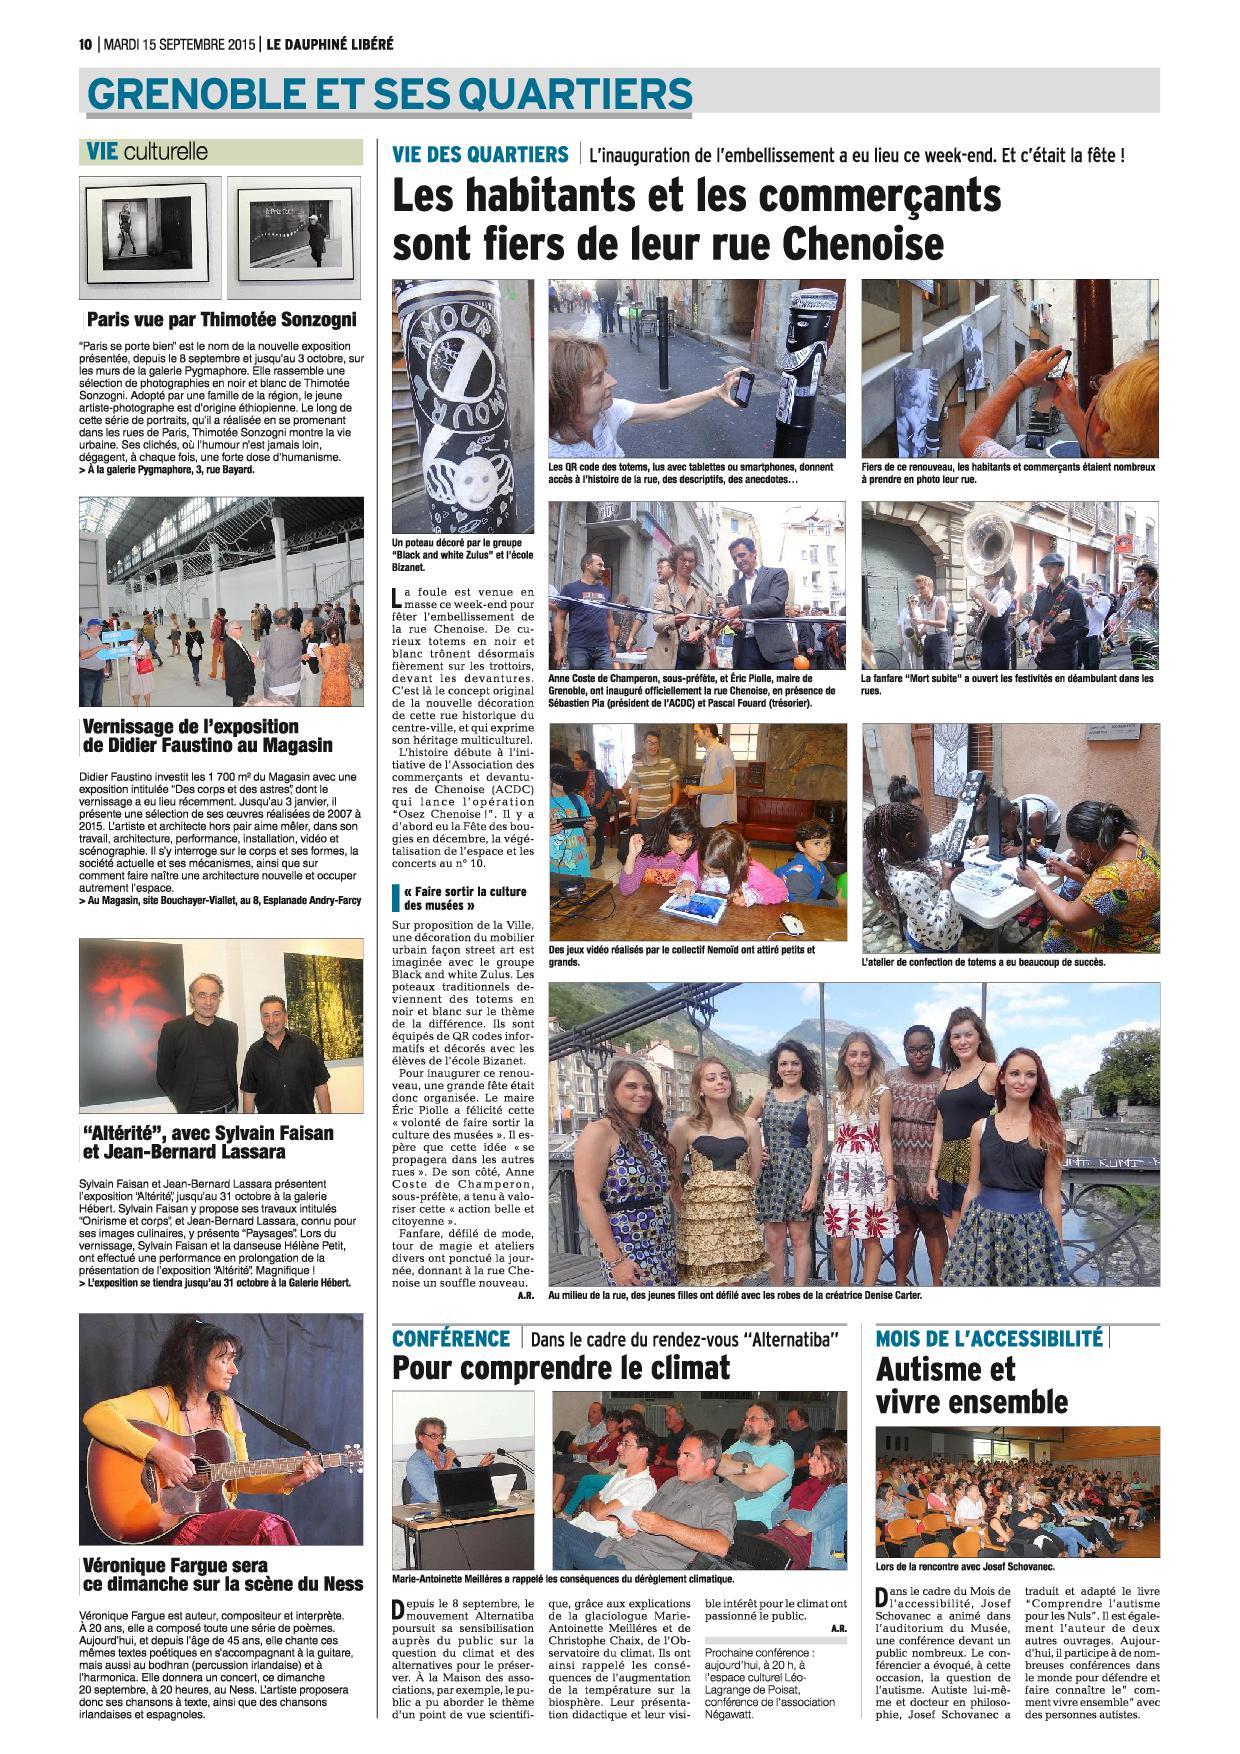 Dauphiné Libéré 15 septembre 2015 page 10